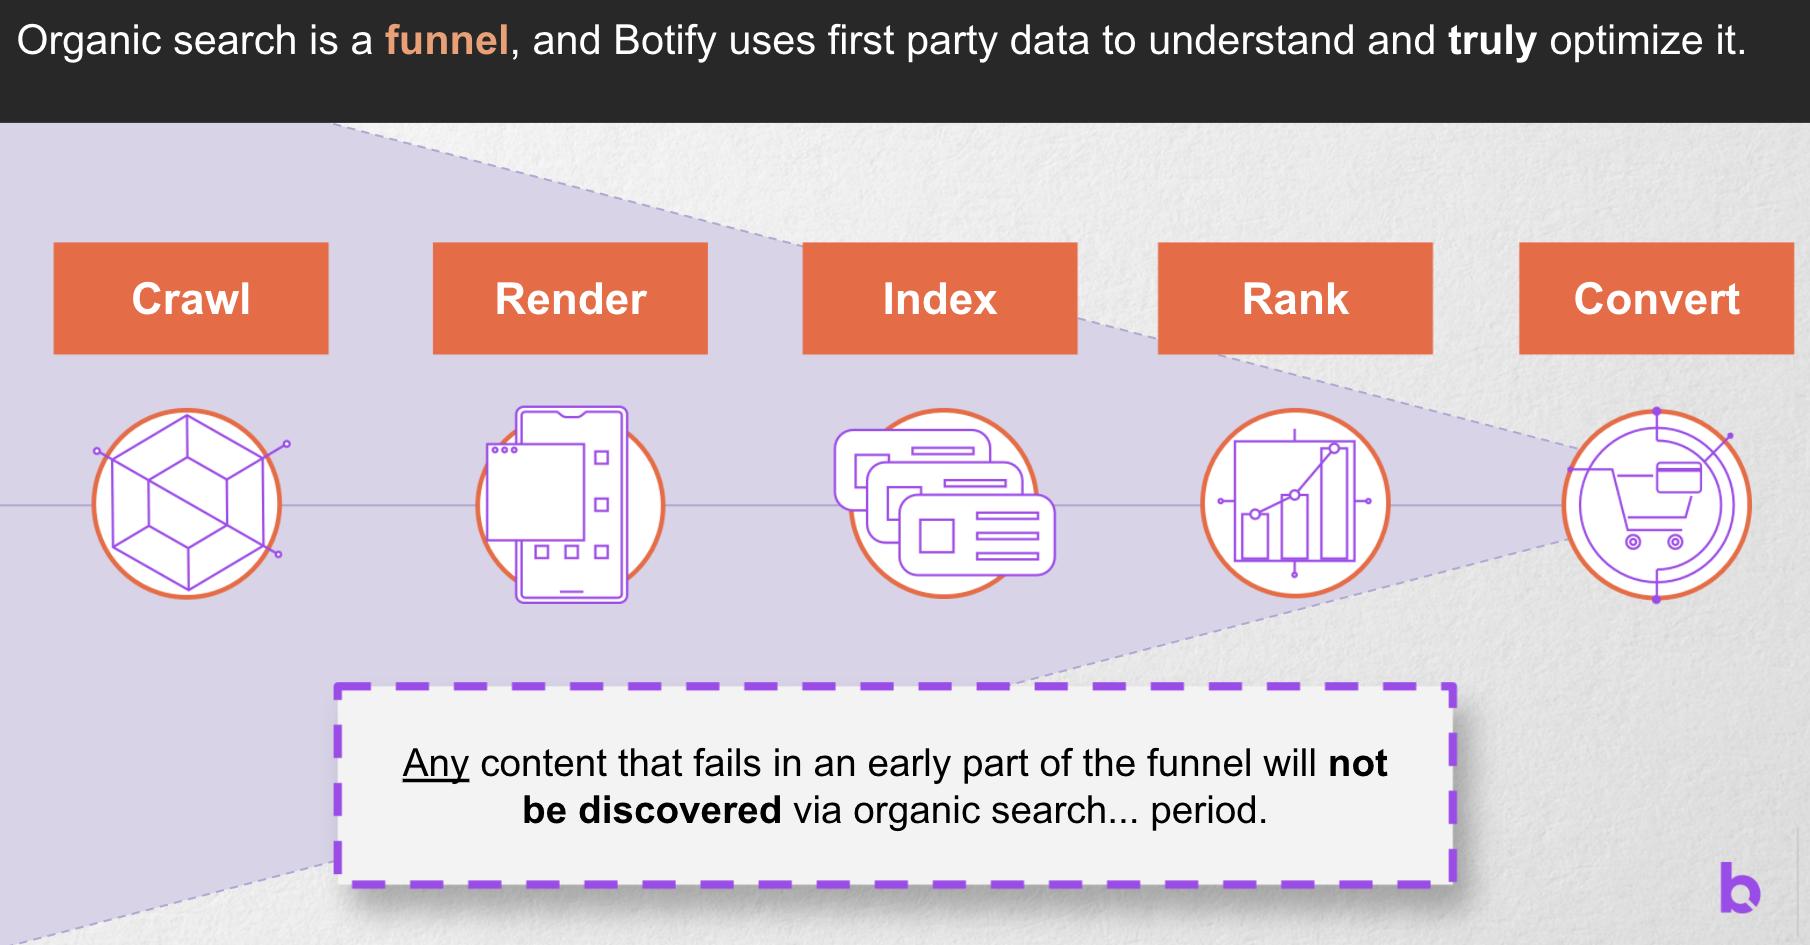 Datos de origen y Botify